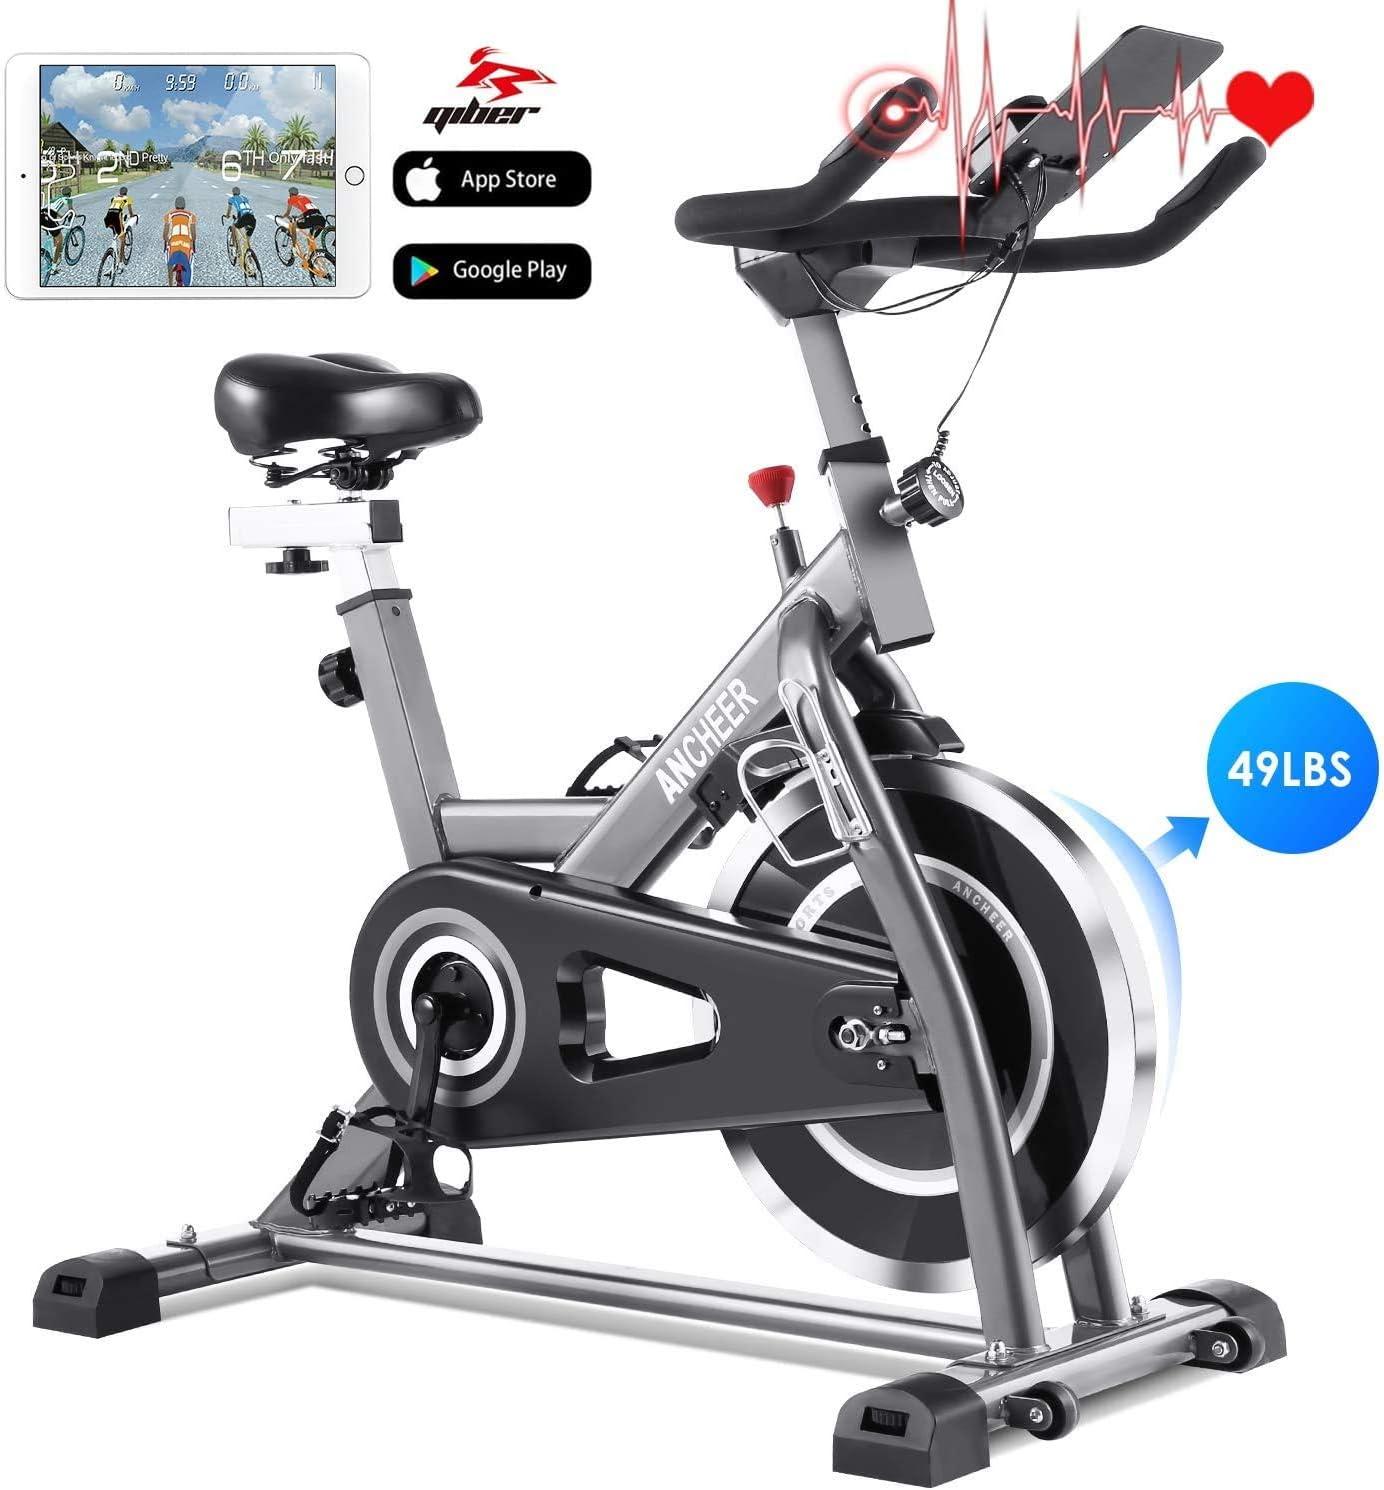 ANCHEER Bicicleta de Spinning Bicicleta Indoor de Volante de Inercia de 22kg/18kg Bicicletas deCiclo con Conecto con App Resistencia Ajustable y Monitor LCD para Ejercicio en el Hogar